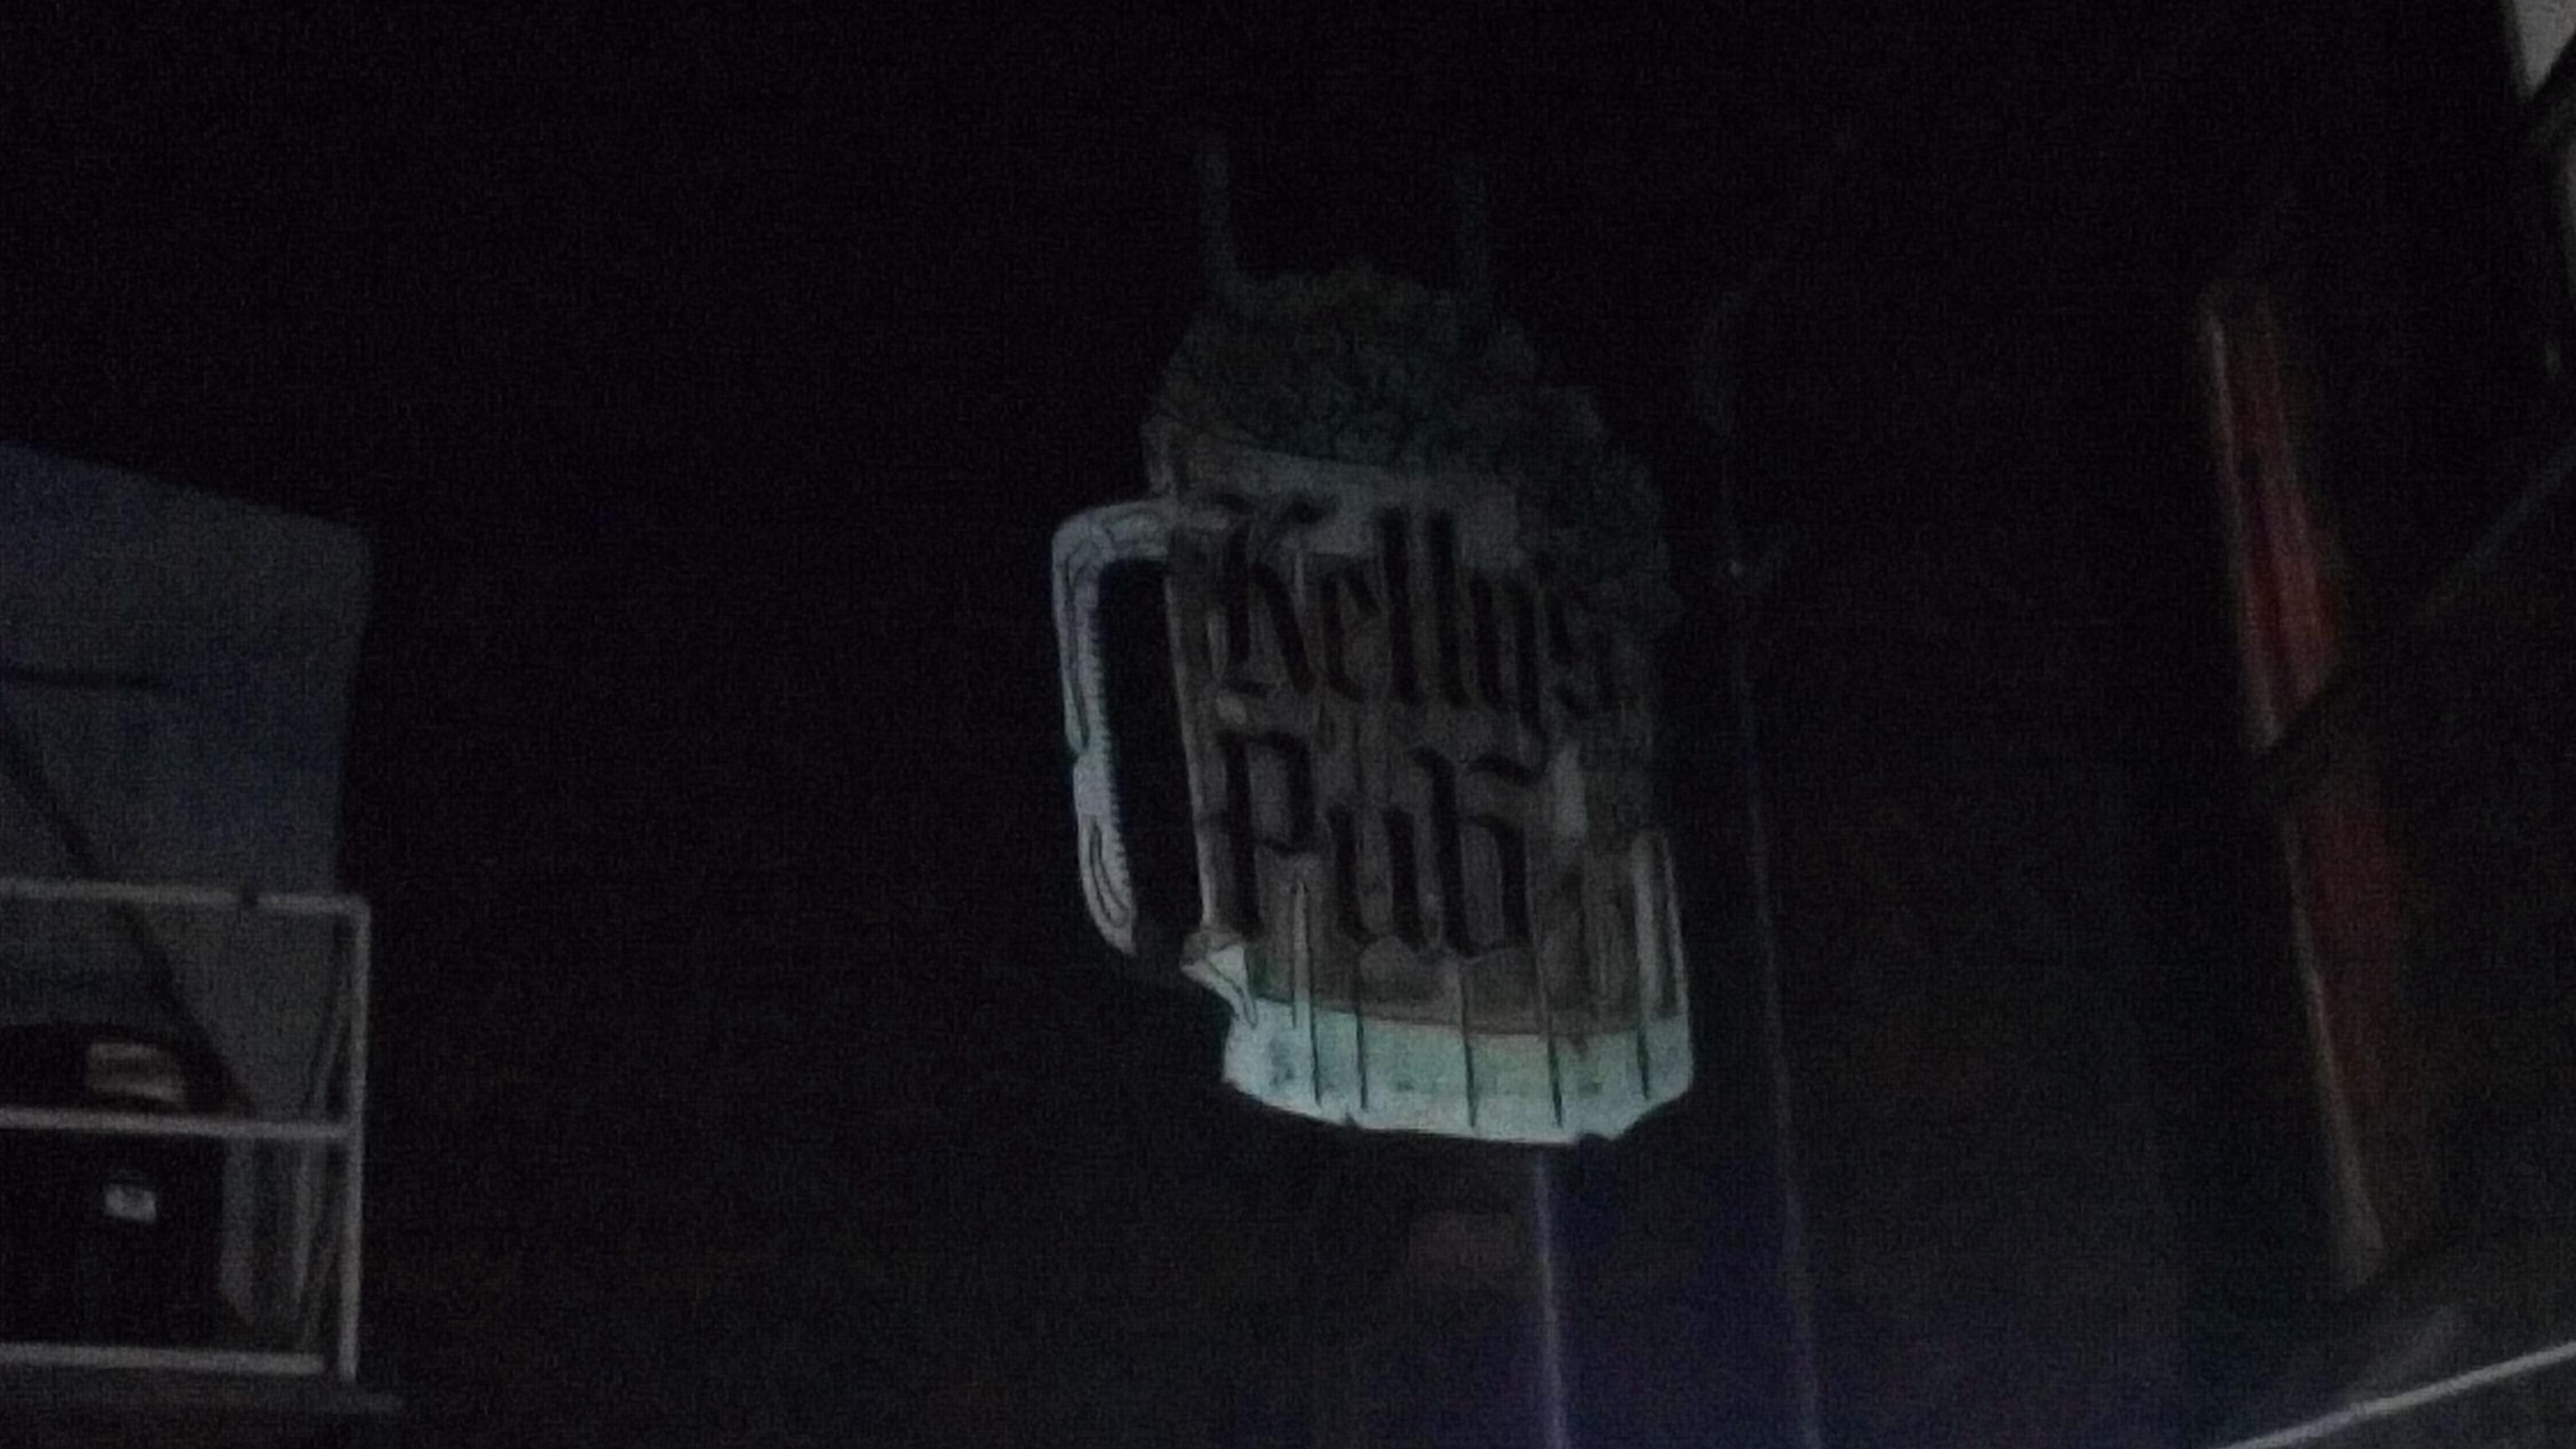 A pub sign